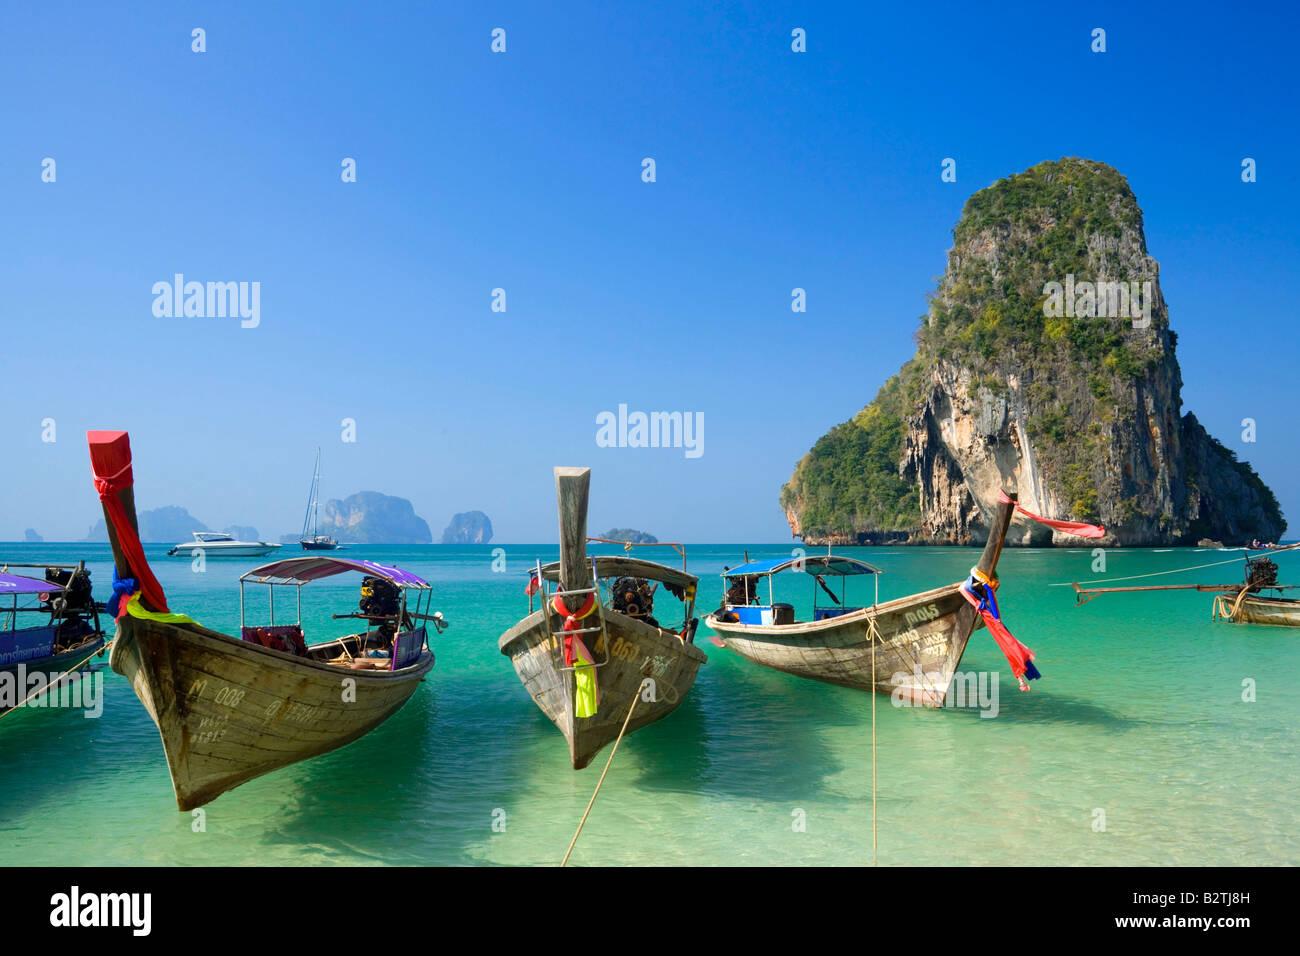 Anchored boats, chalk cliff in background, Phra Nang Beach, Laem Phra Nang, Railay, Krabi, Thailand, after the tsunami - Stock Image